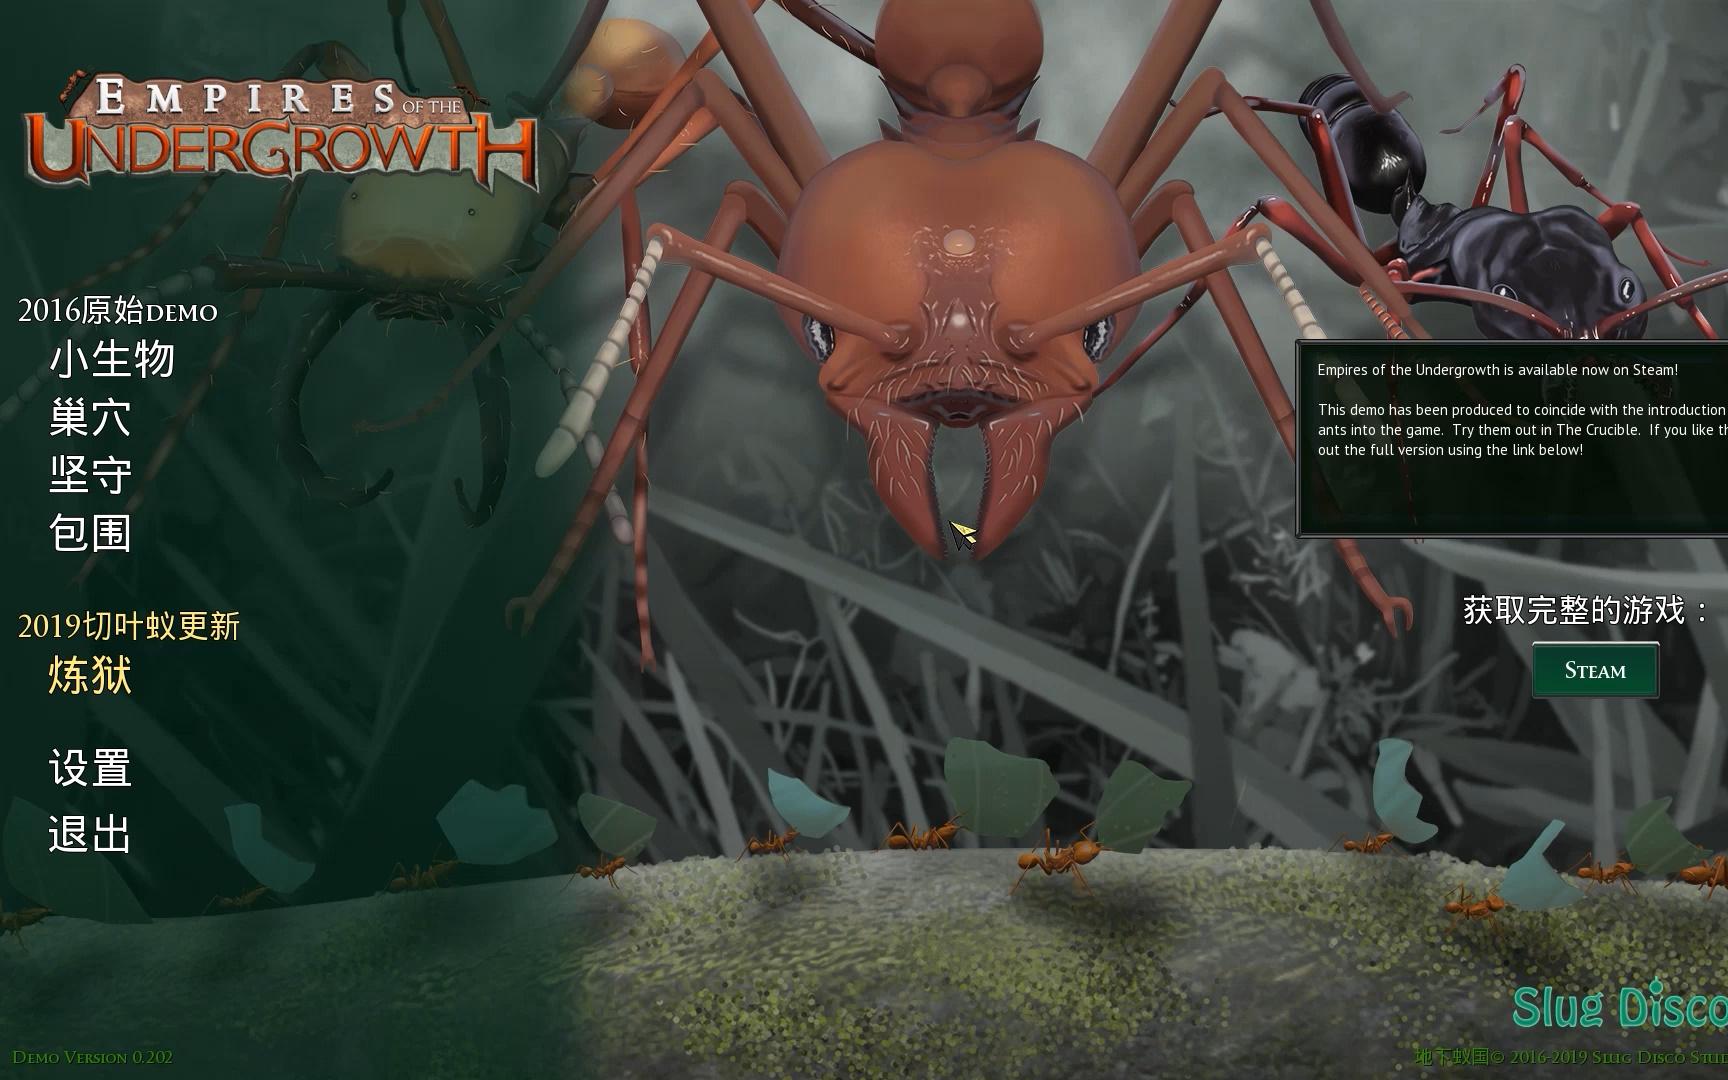 地下蚁国:2开始出现另外的蚂蚁巢了,都是我们的敌人